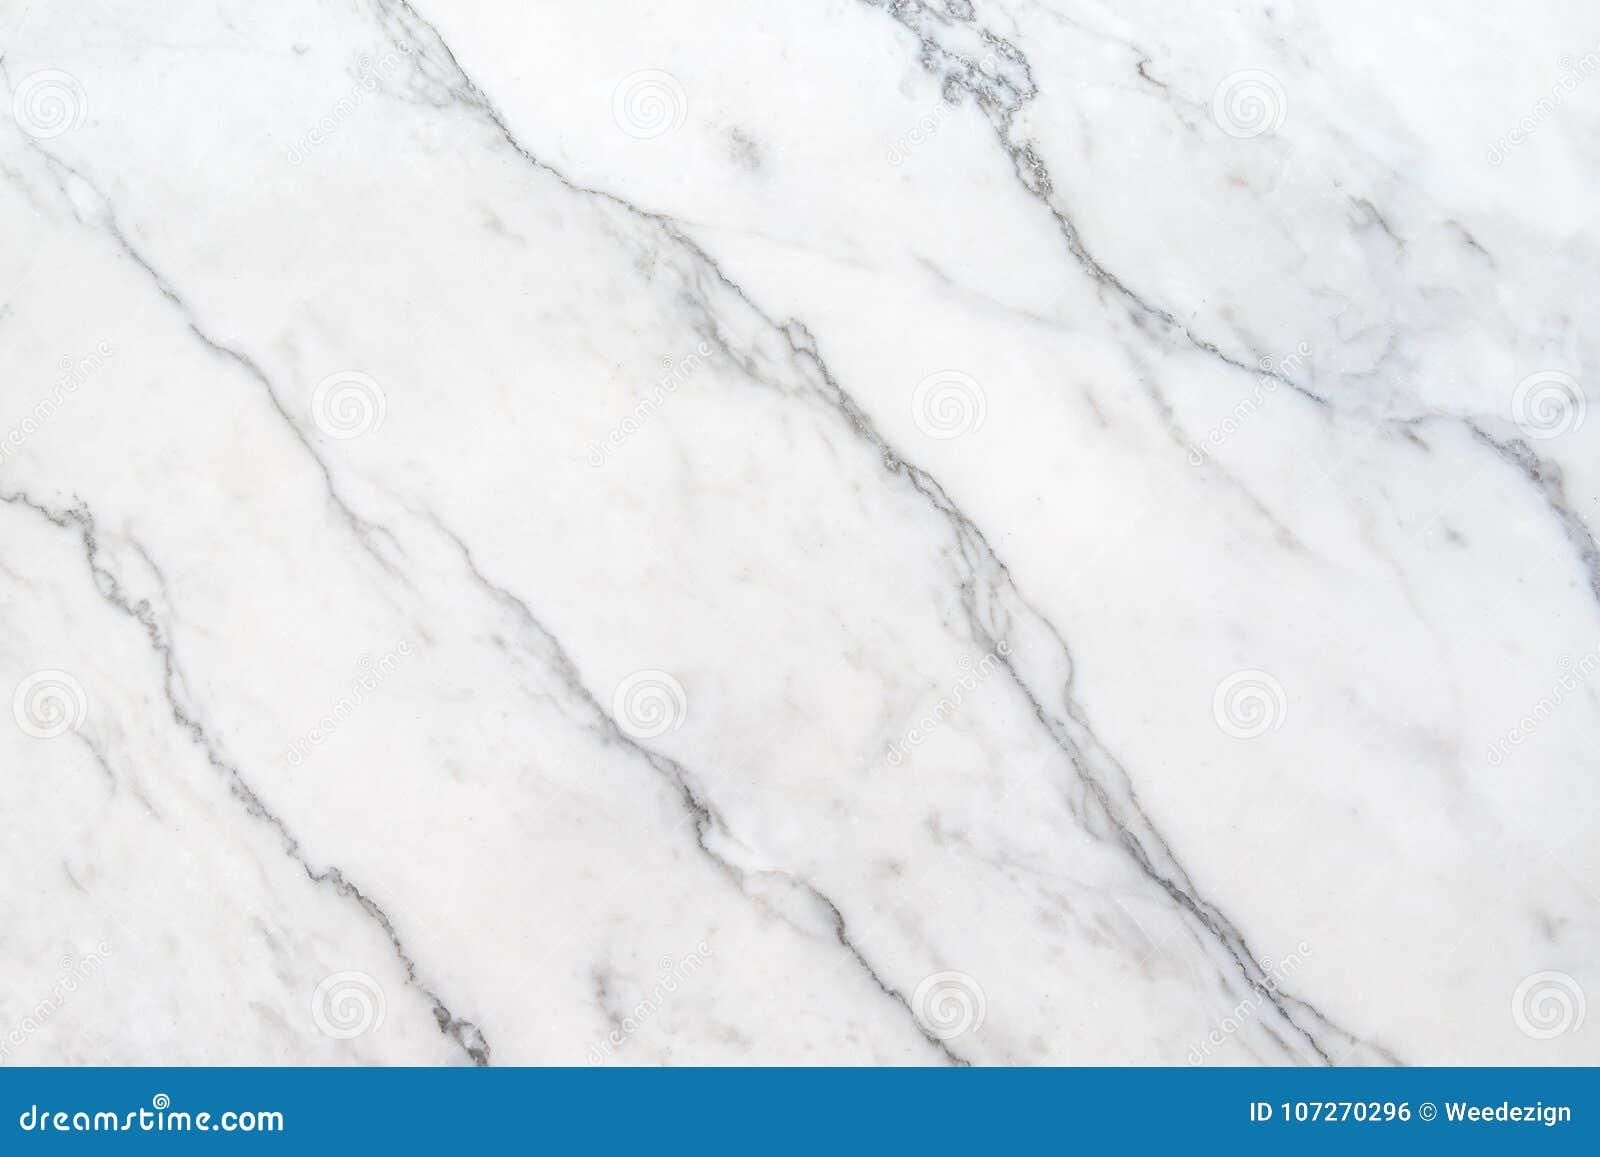 De textuurachtergrond van de tegel ziet de Witte marmeren oppervlakte, Luxe eruit